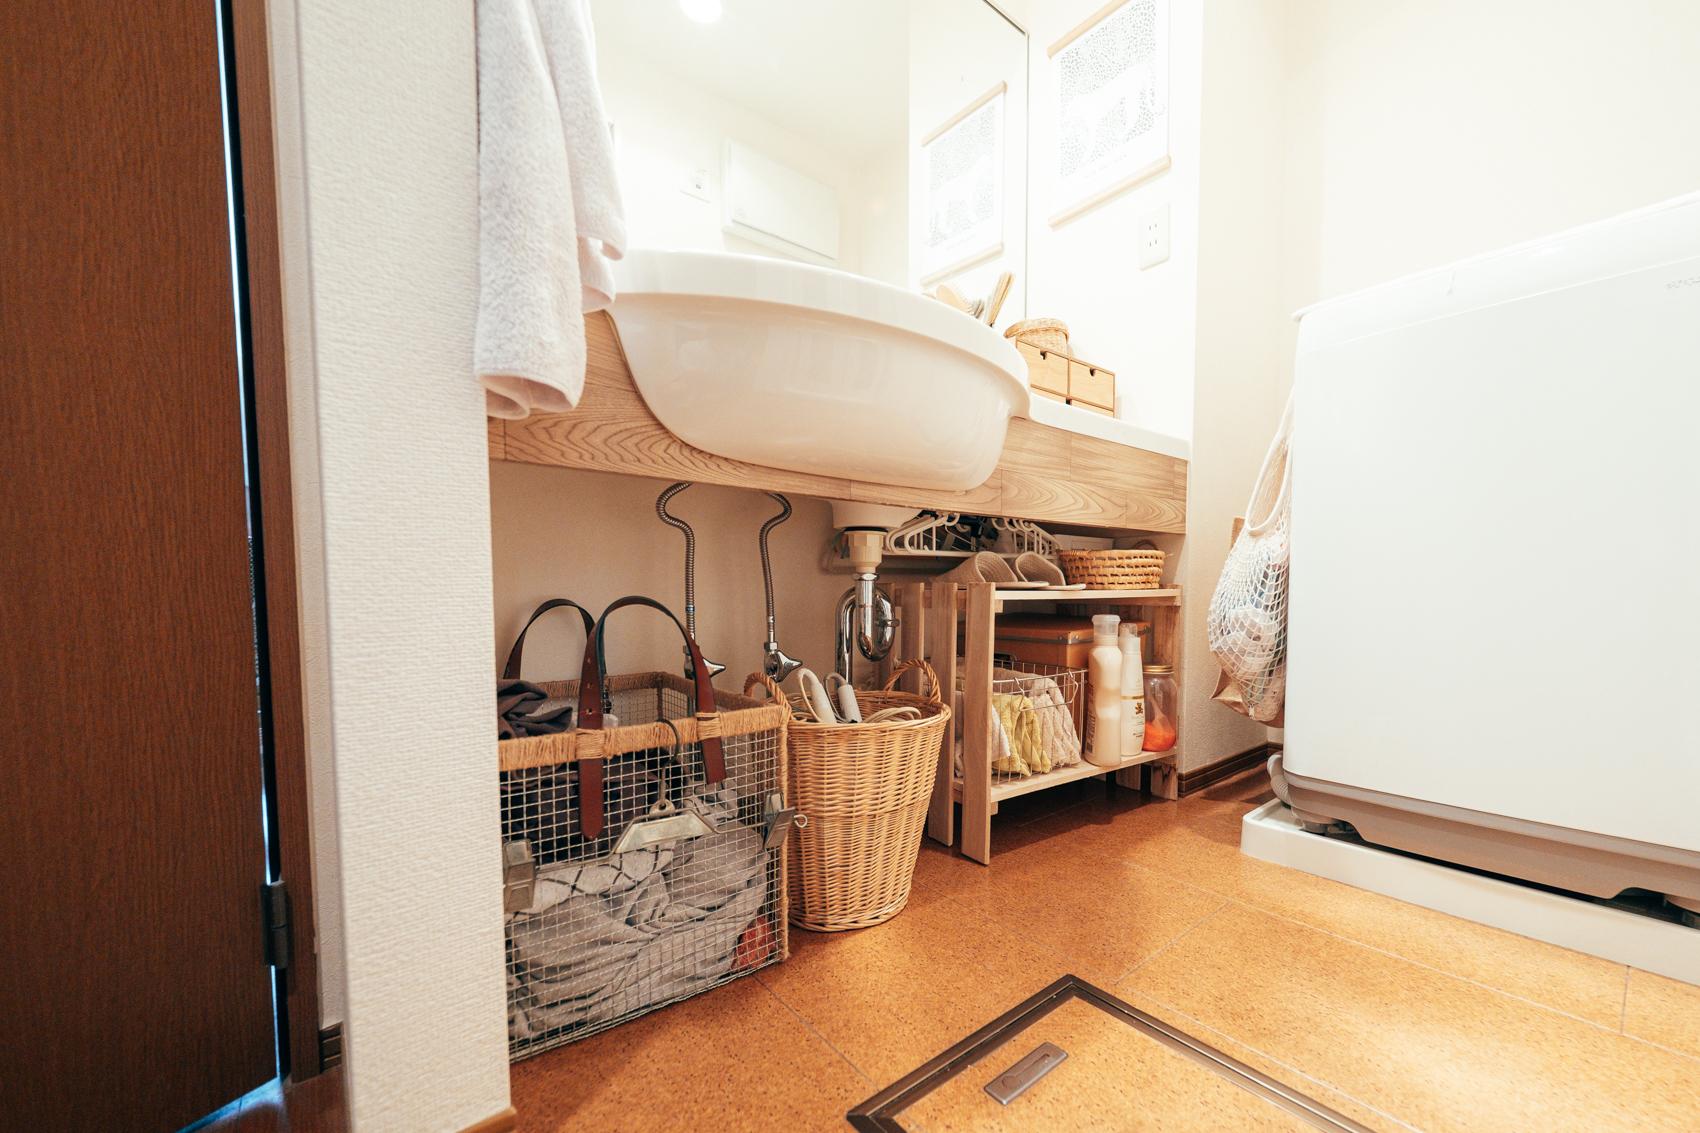 収納ケースの素材を揃える、が吉!洗面所のおしゃれな収納実例まとめ